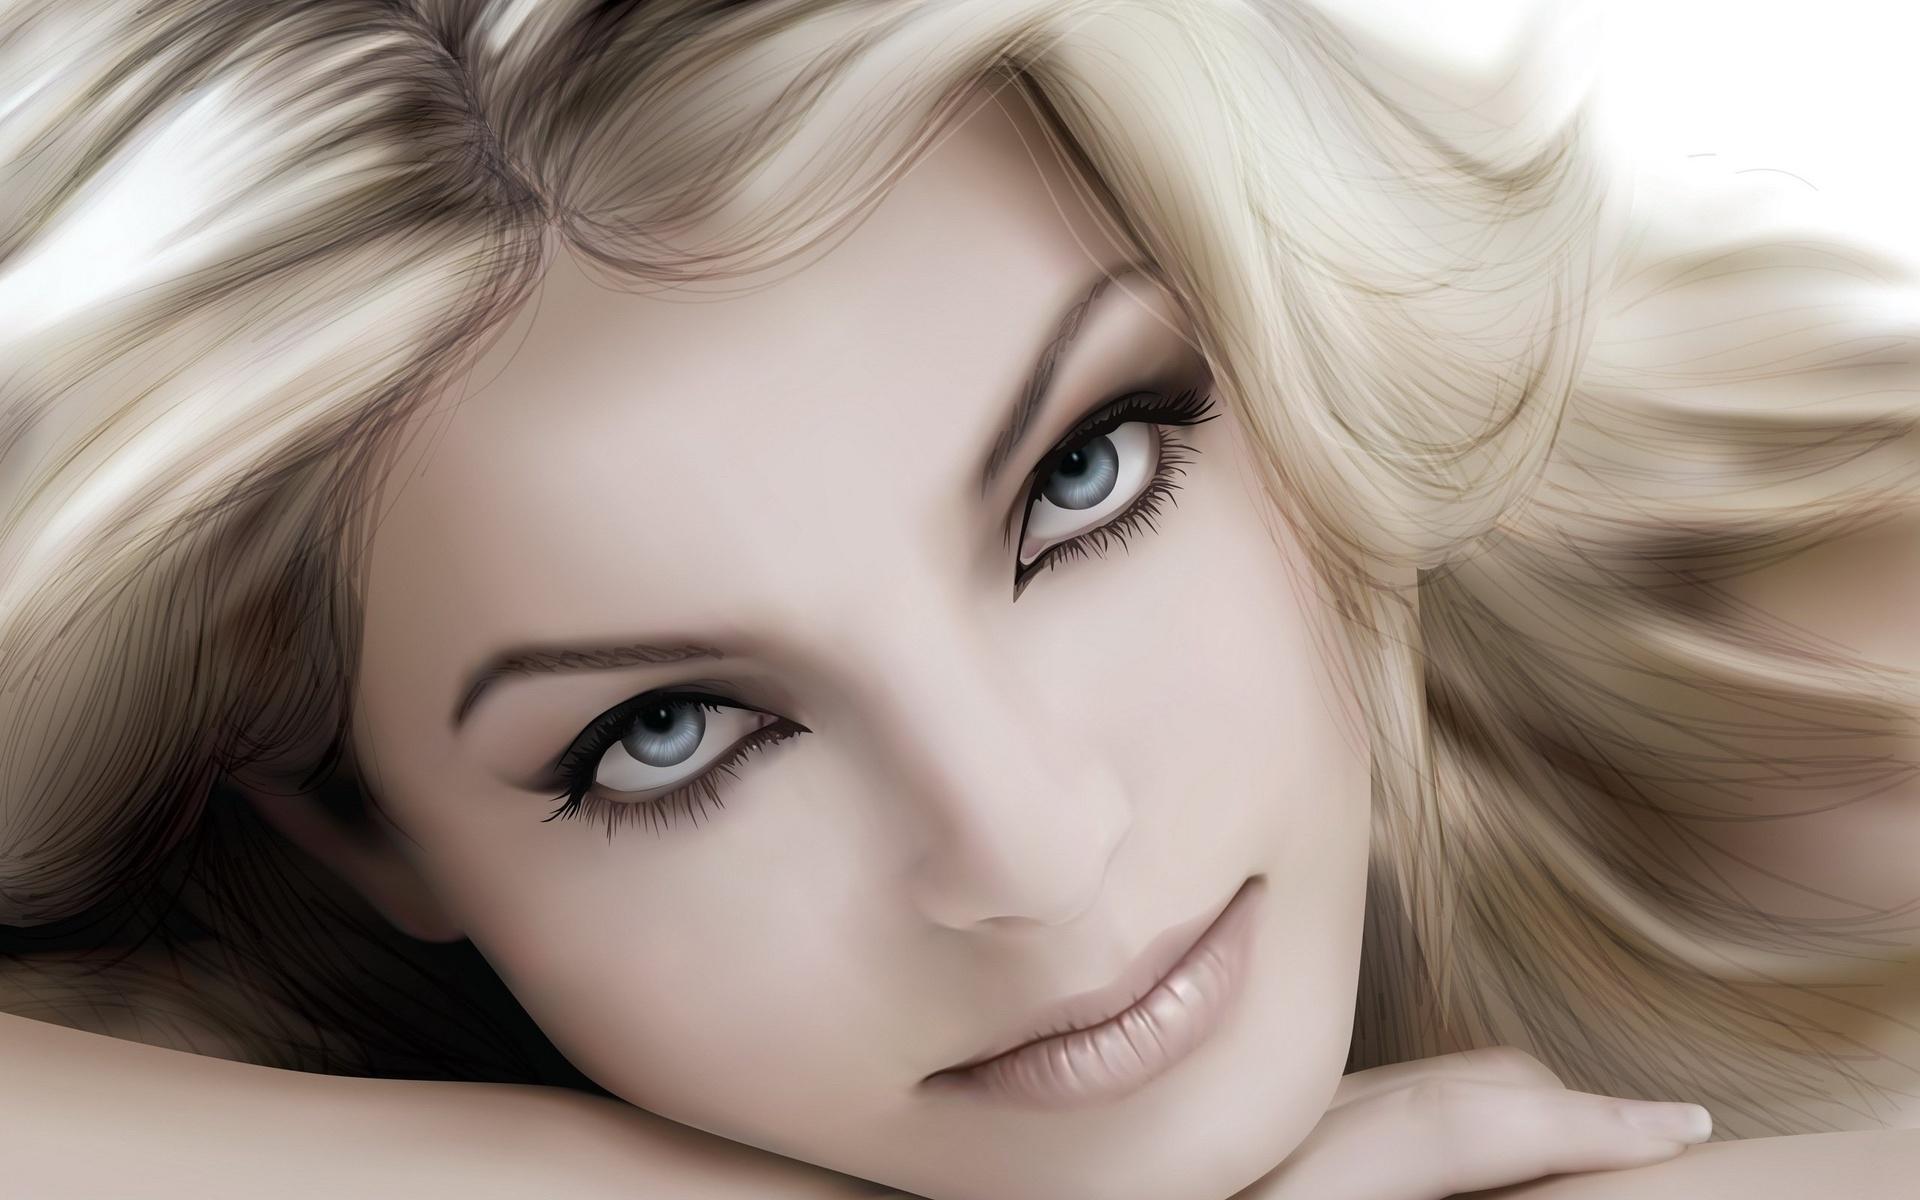 девушка, красотка, глаза, улыбка